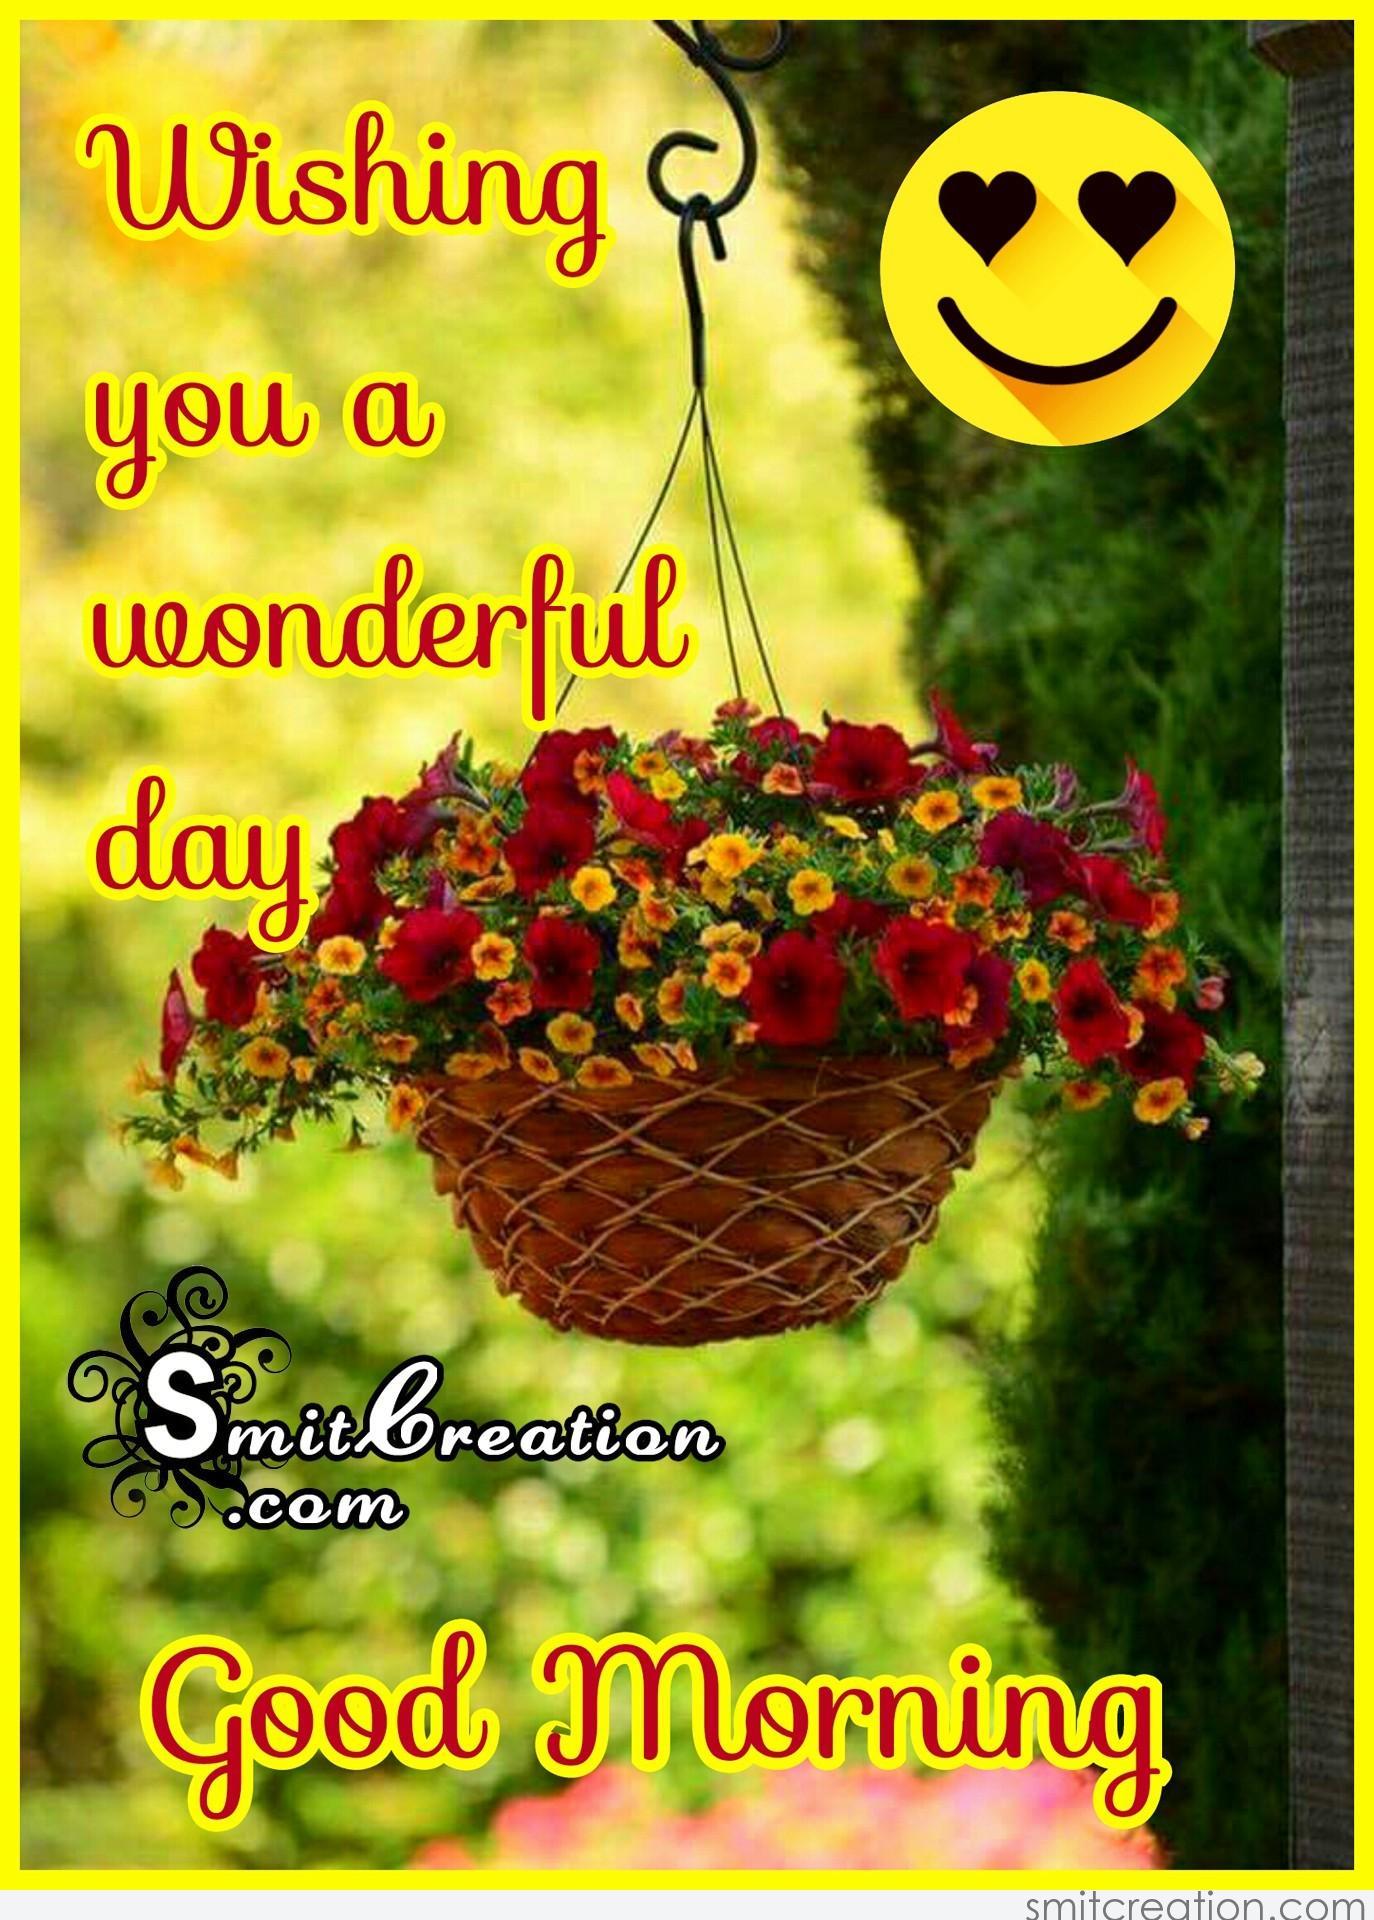 Good Morning Wishing You A Wonderful Day Smitcreationcom